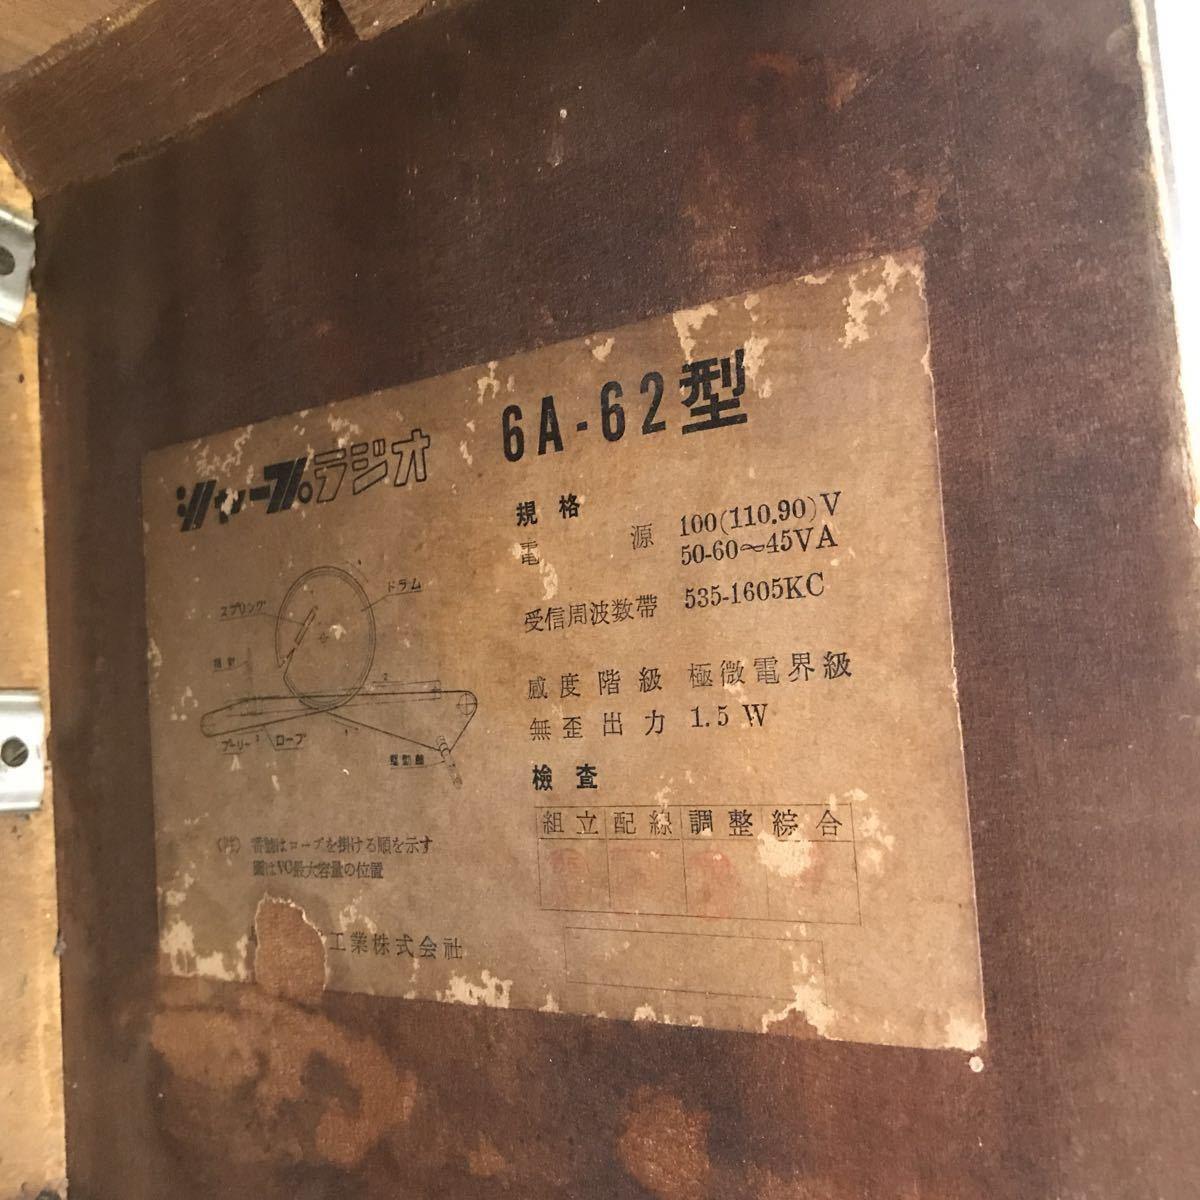 シャープ SHARP 真空管ラジオ ラジオ 6A-62型 昭和レトロ インテリア ジャンク品_画像6